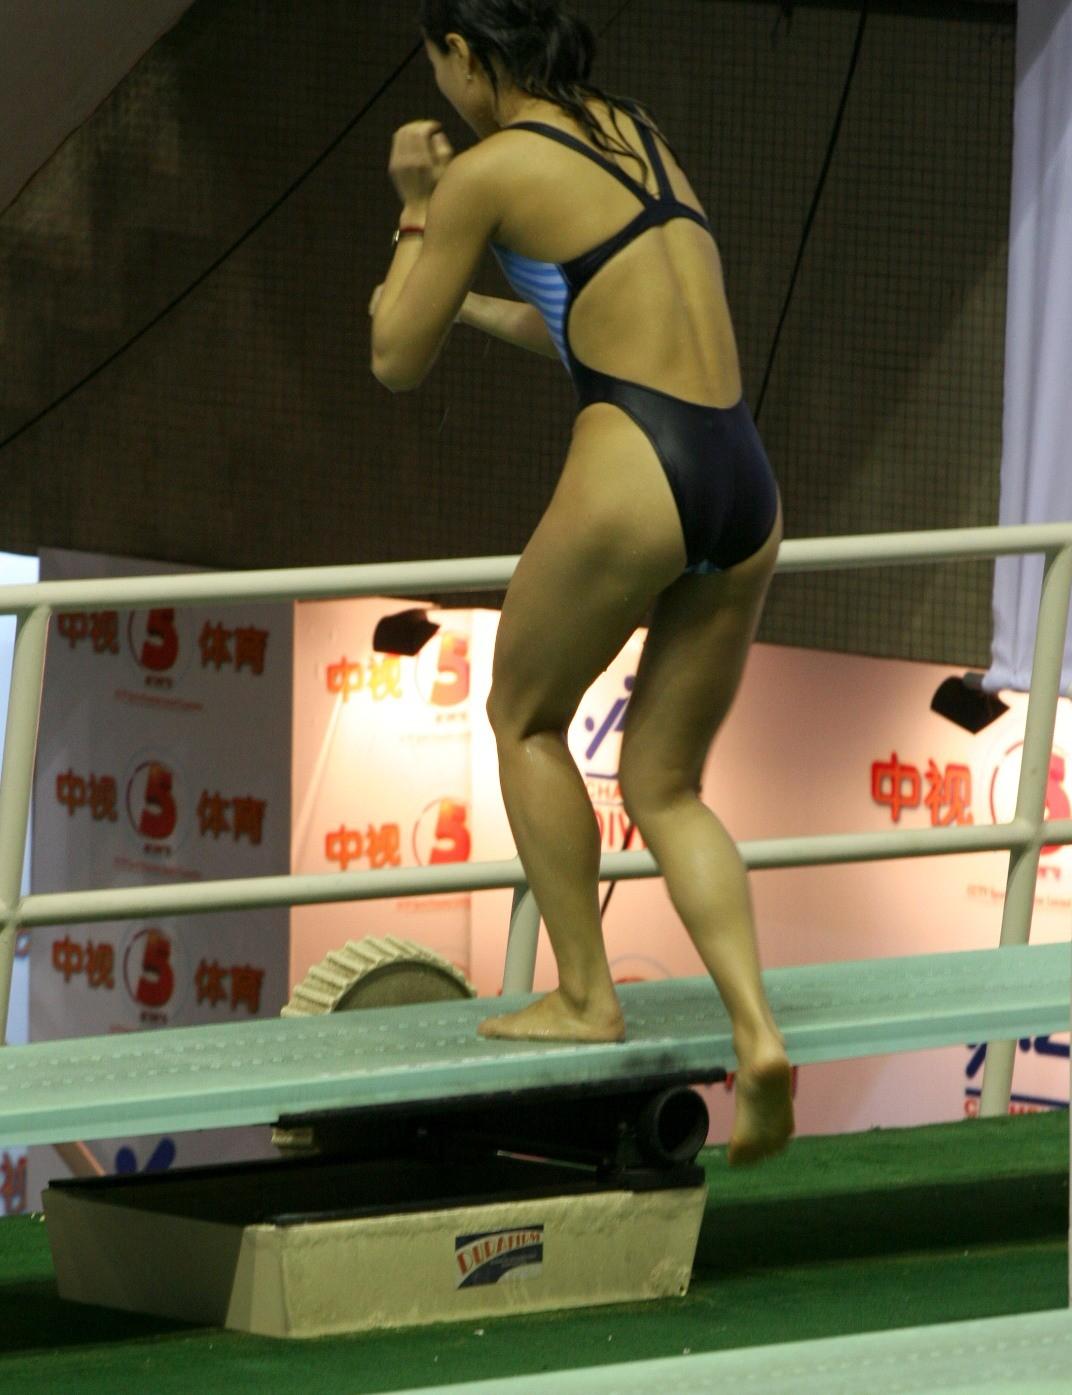 【競泳水着エロ画像】スパッツ主流になったのが悲しくて…思い出の食い込み系競泳水着アスリートwww